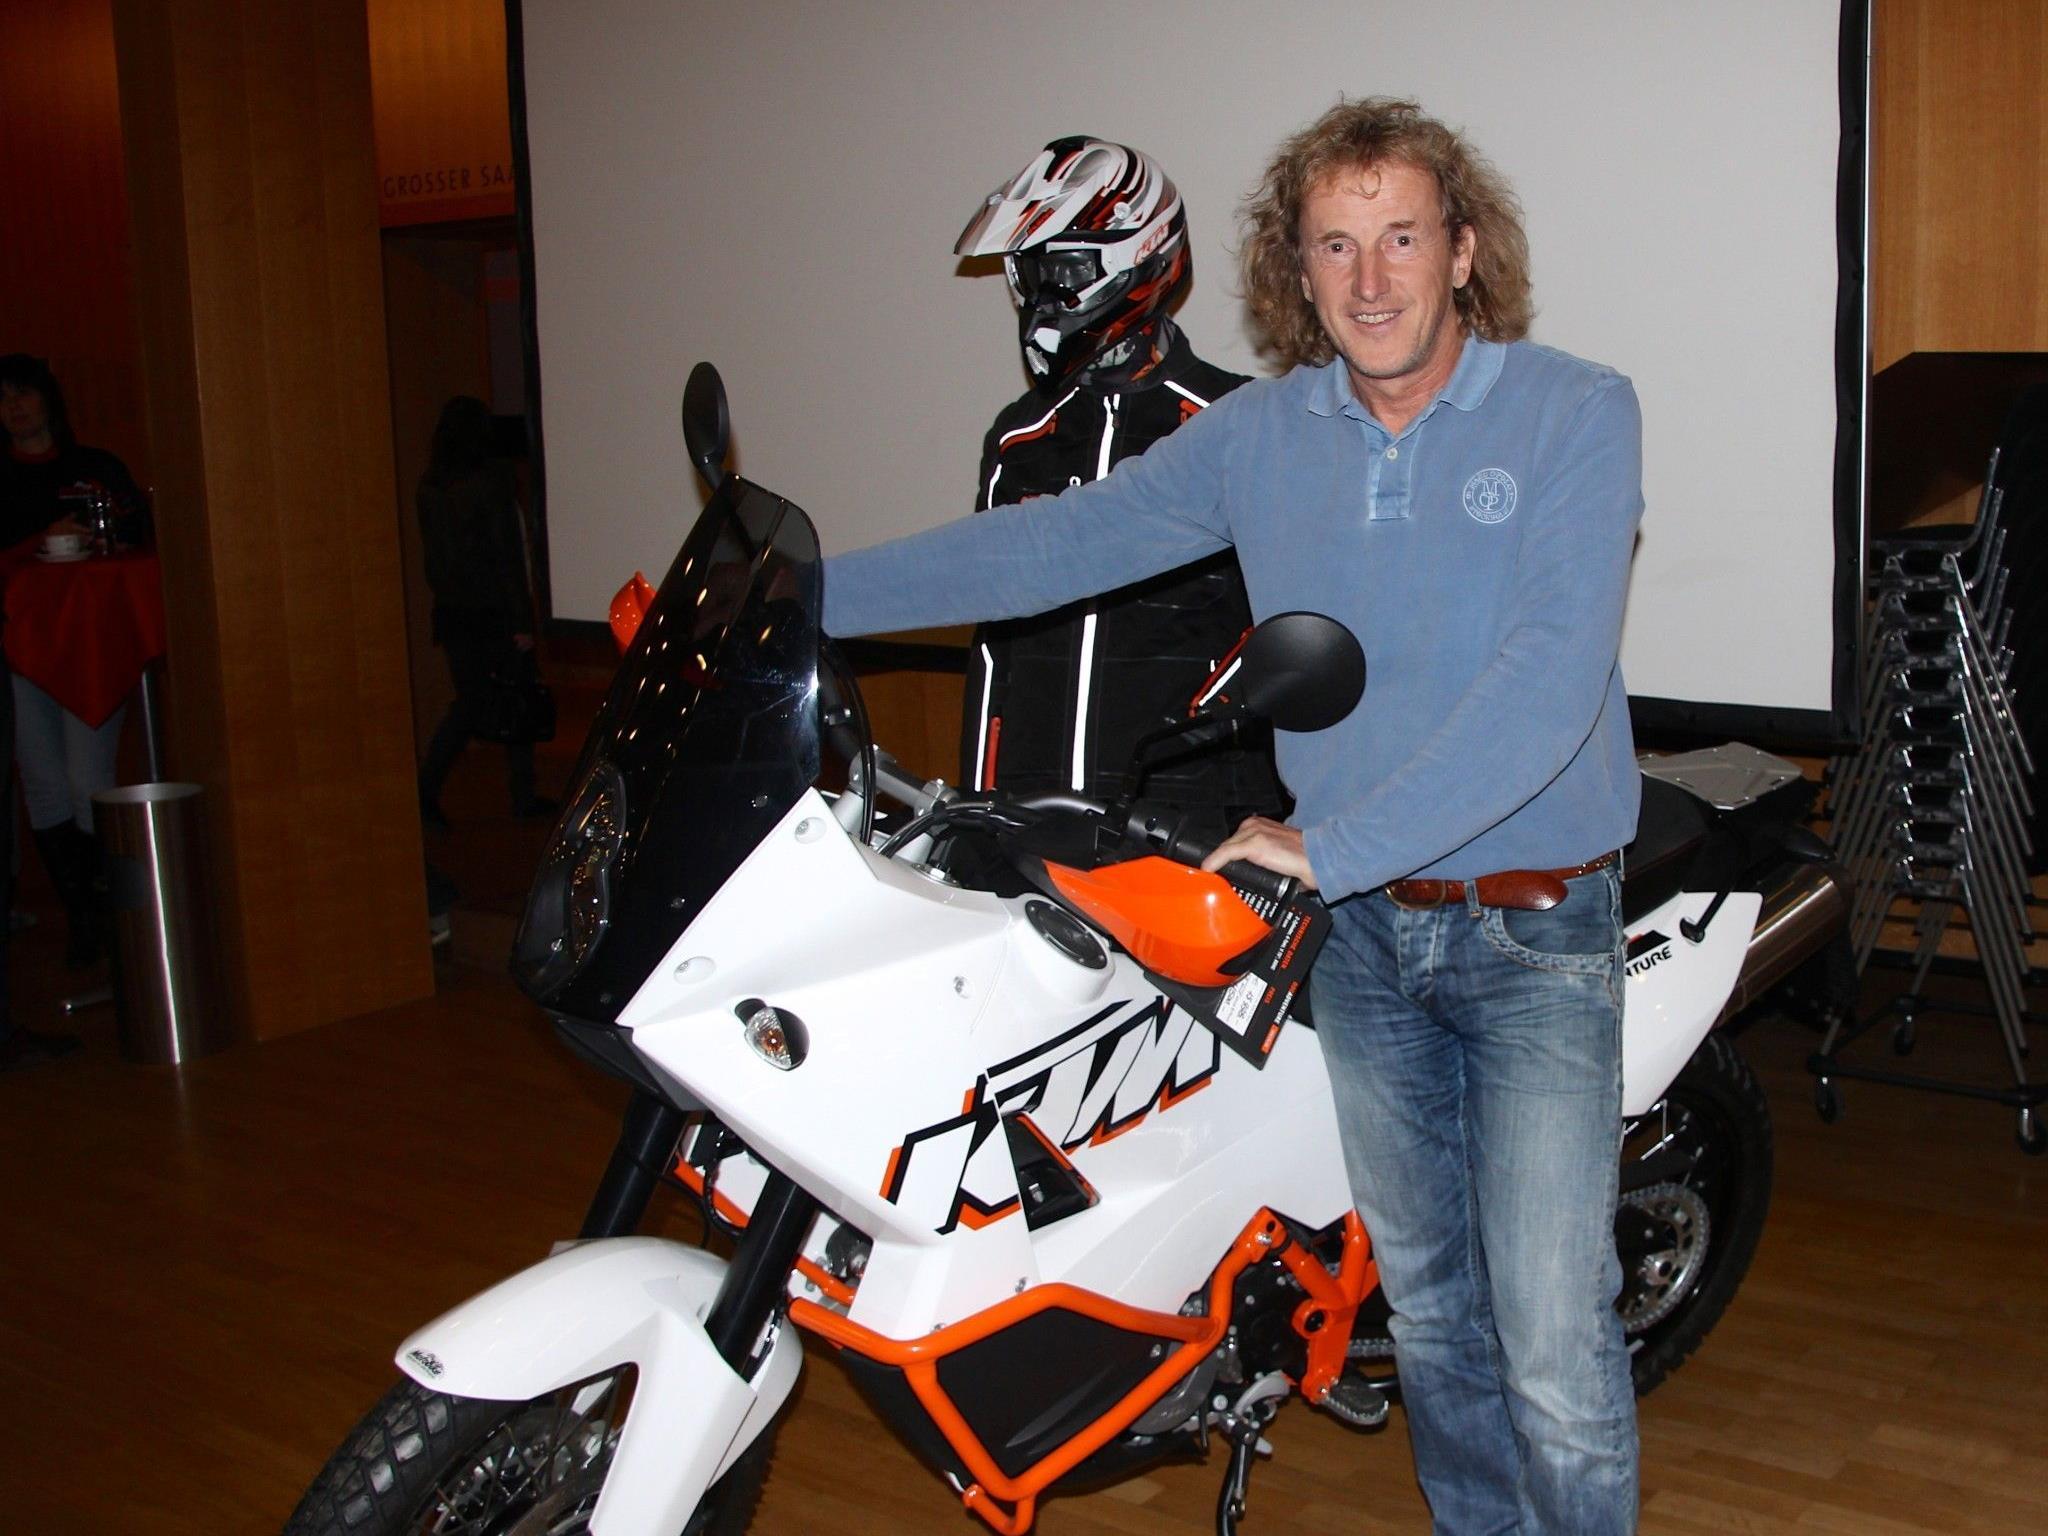 Josef Pichler zeigte sich in der Kulturbühne AmBach mit einem seiner KTM-Motorrädern, die ihn auf allen Reisen ständig begleiten